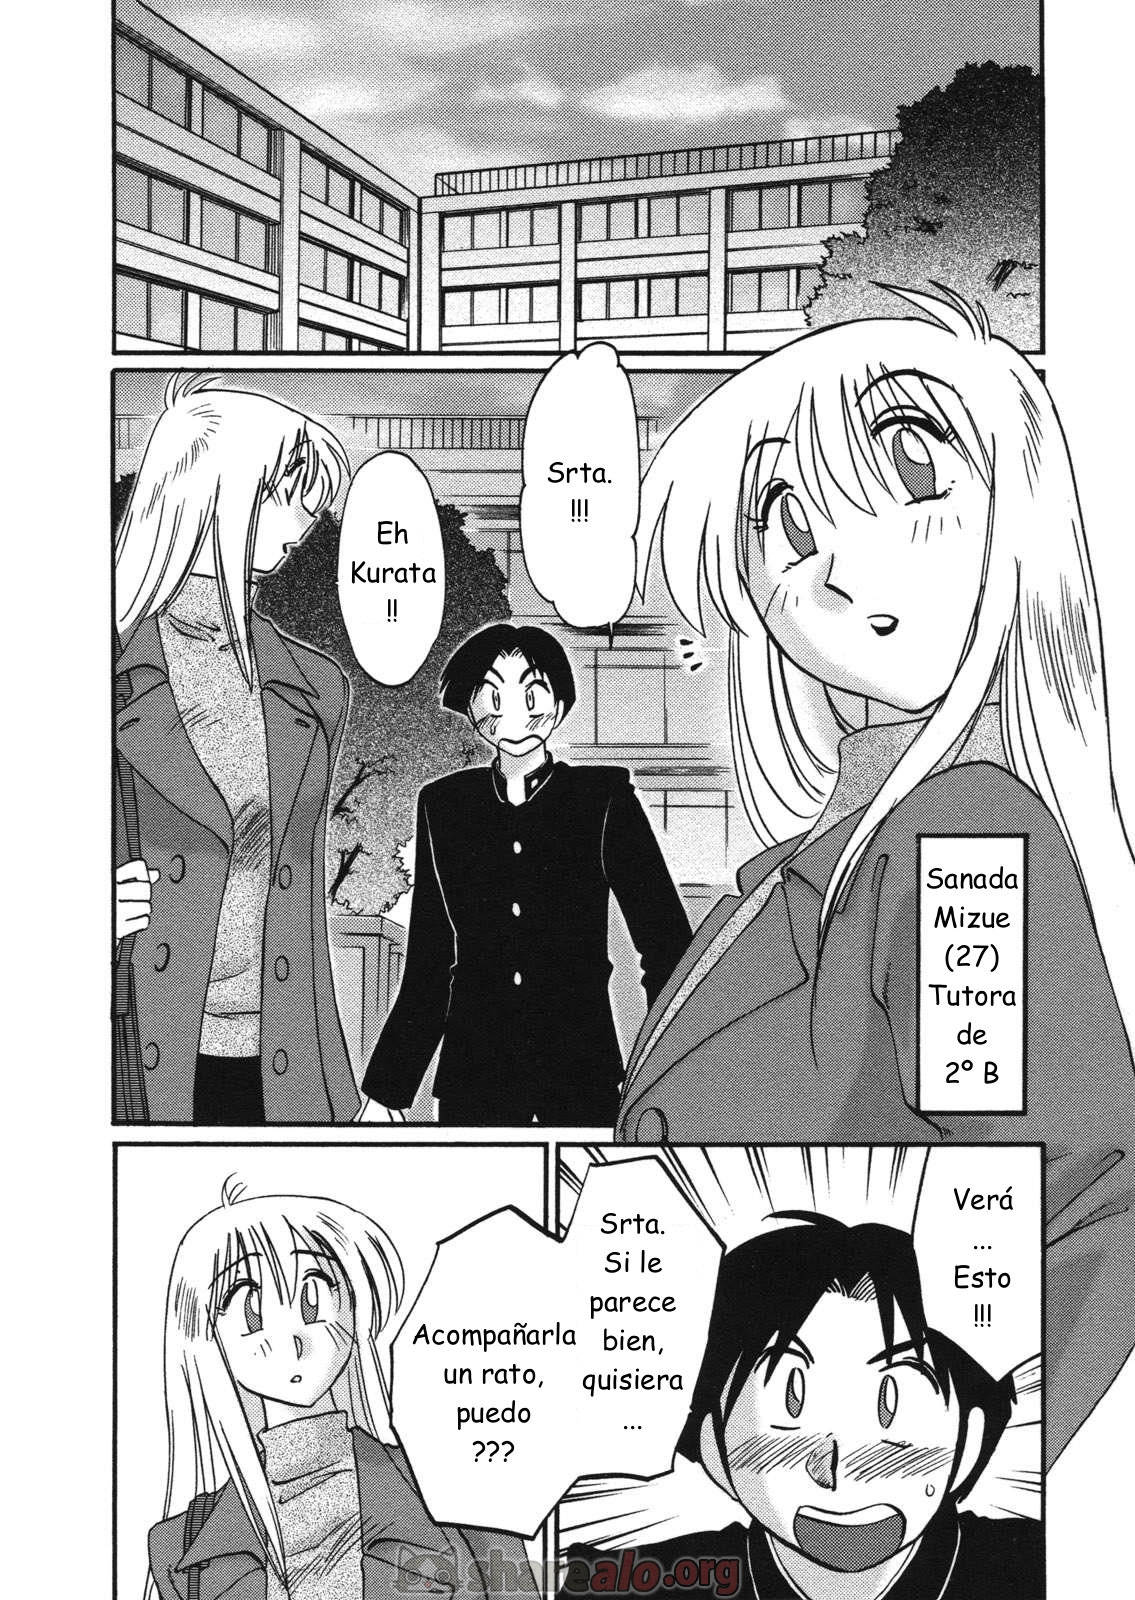 [ Boku no Aijin Manga Hentai de TsuyaTsuya ]: Comics Porno Manga Hentai [ TVmgPfvb ]